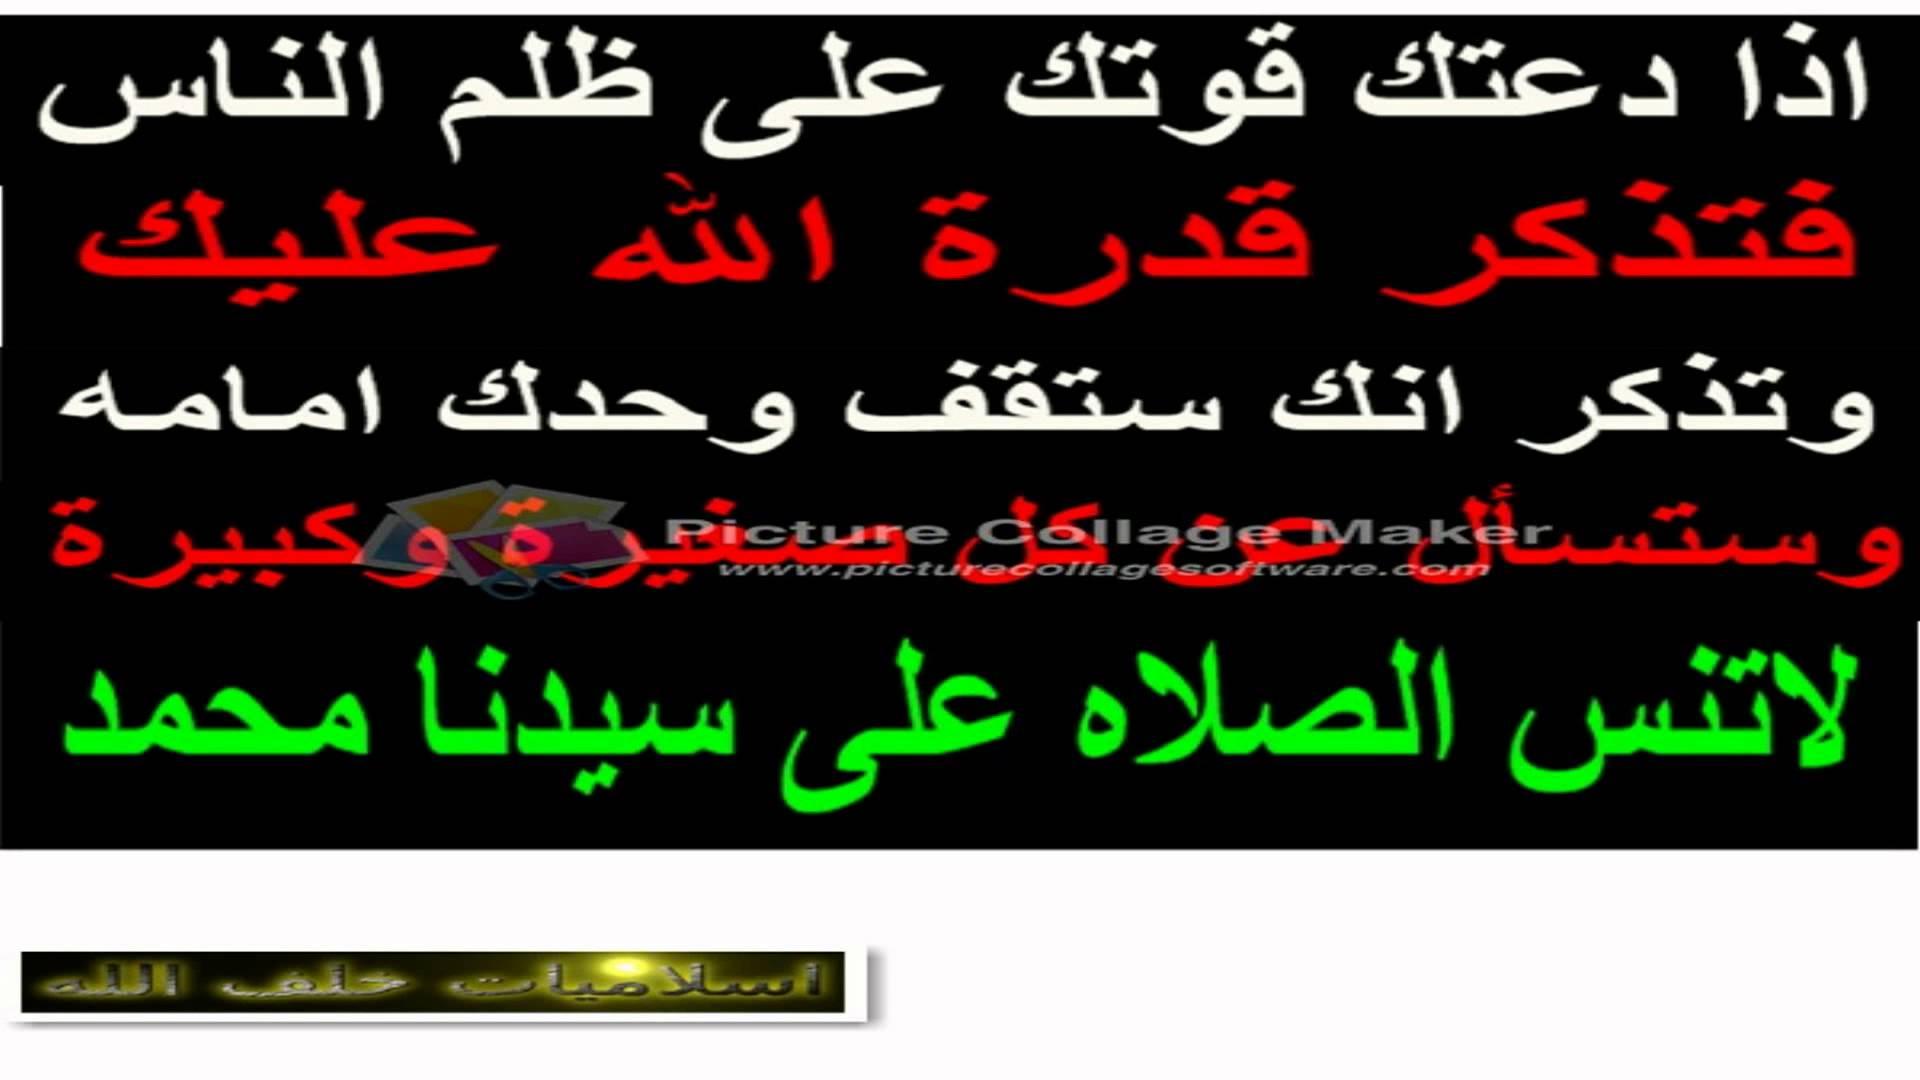 بالصور دعاء الخوف من شخص ظالم 20160718 953